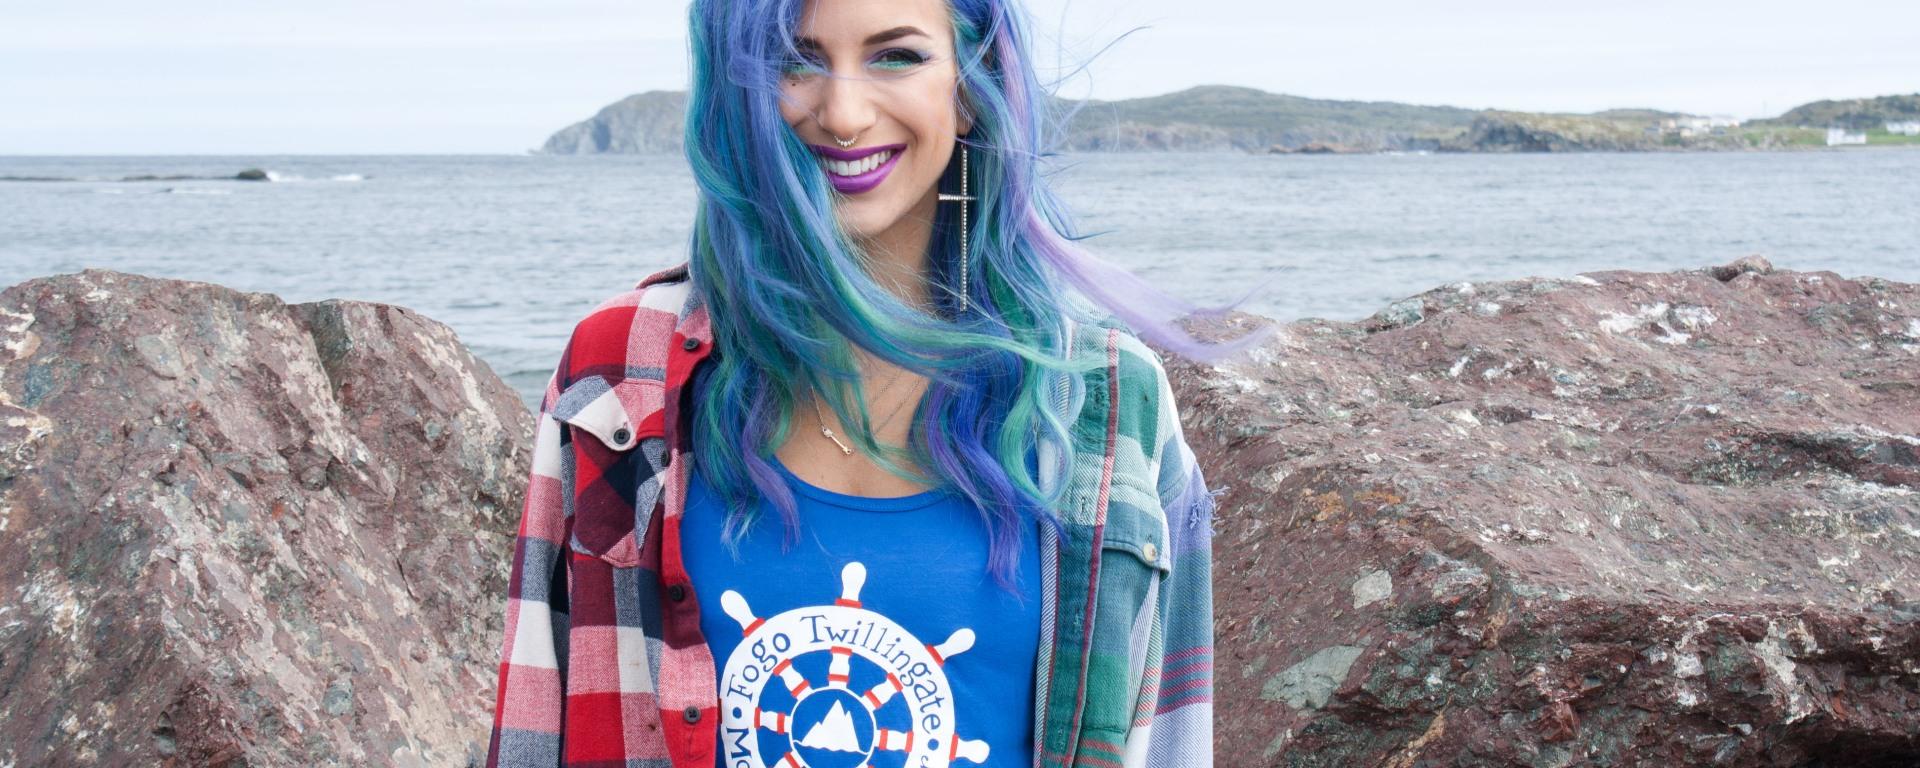 Come Home Newfoundlander Lyrics